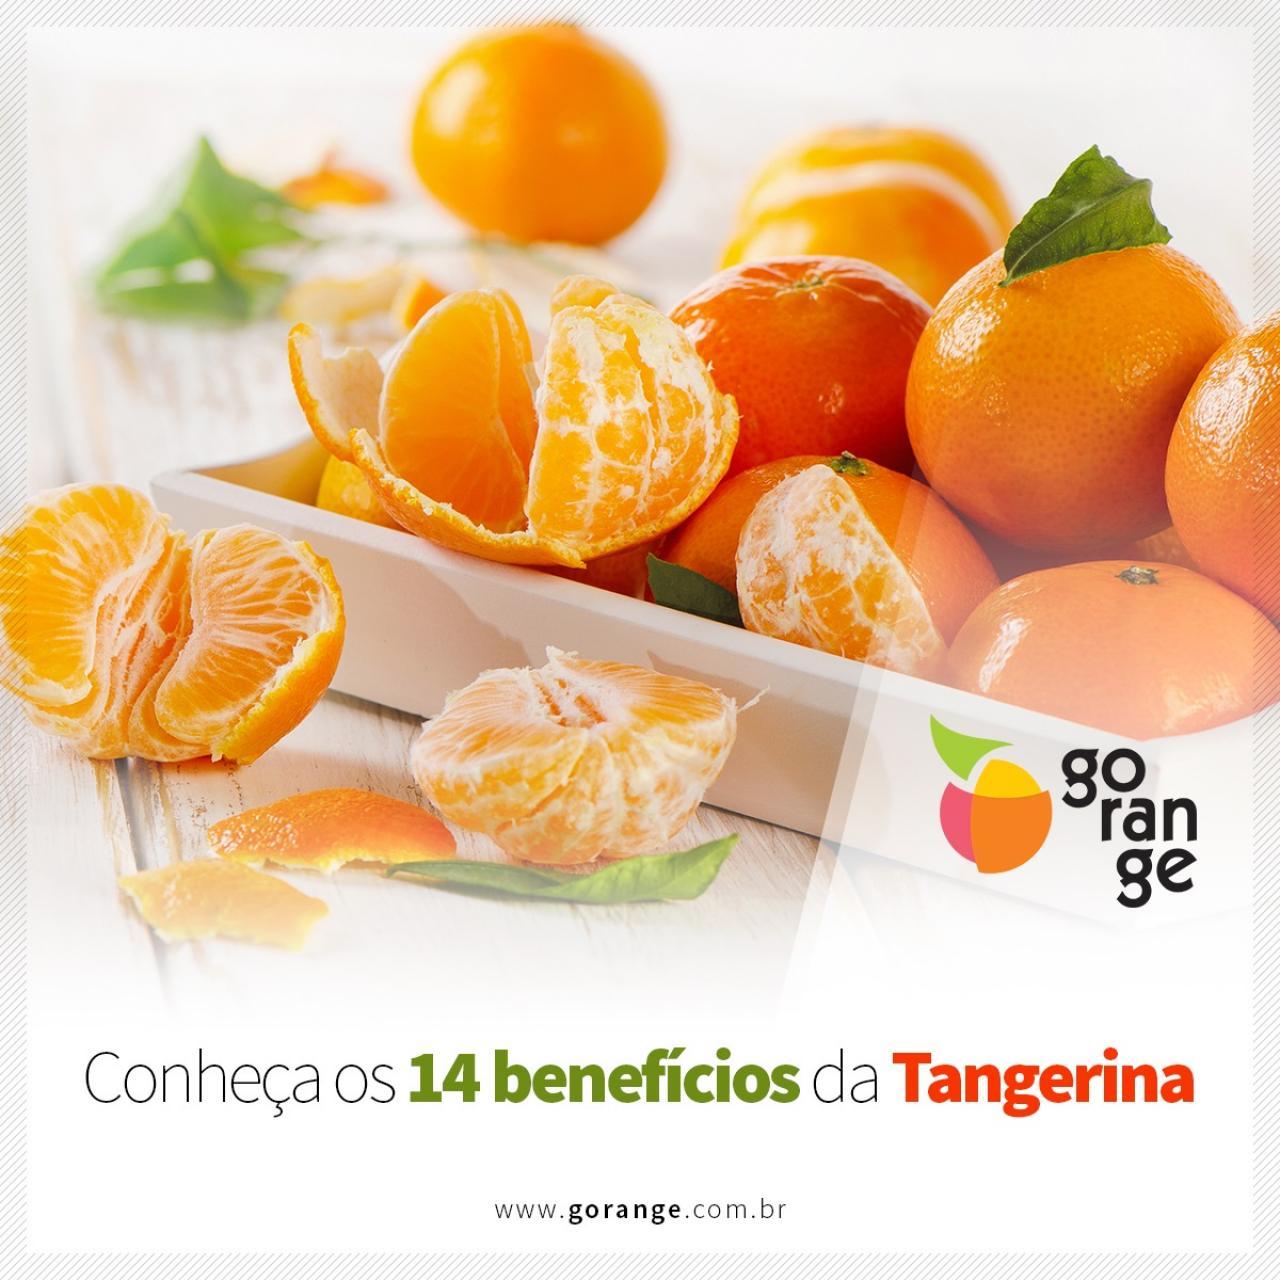 Conheça os 14 Benefícios da Tangerina